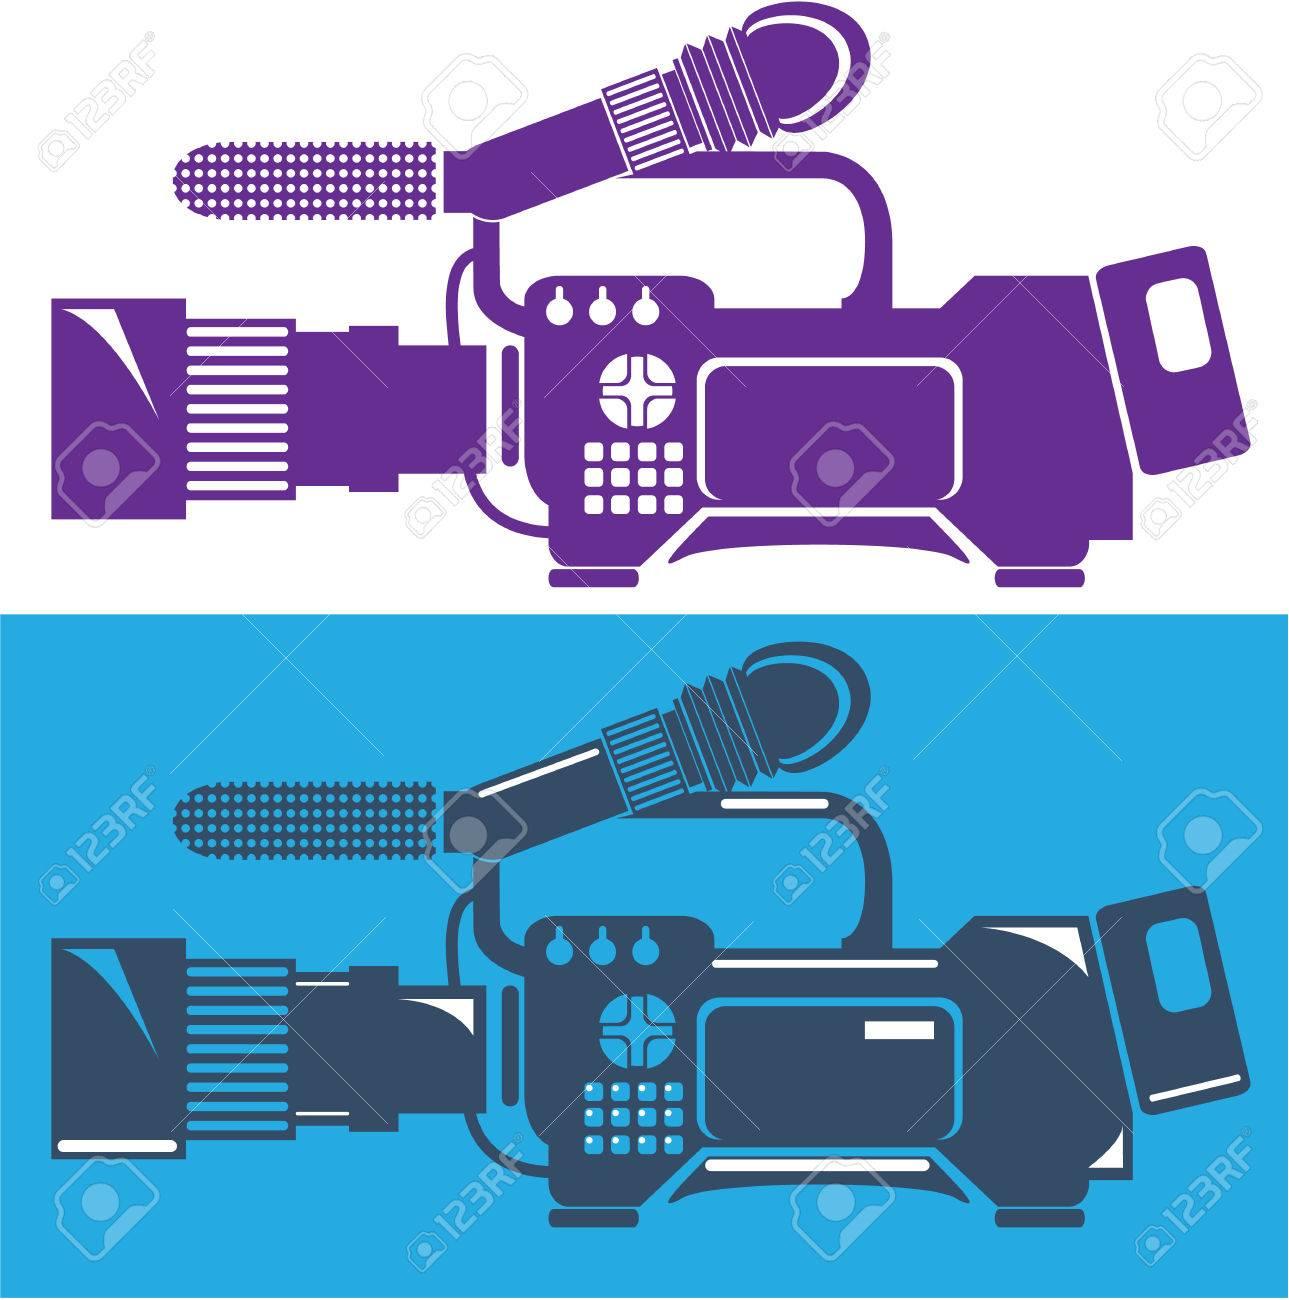 ビデオカメラ イラスト クリップ アート ベクトル ファイル ロイヤリティ